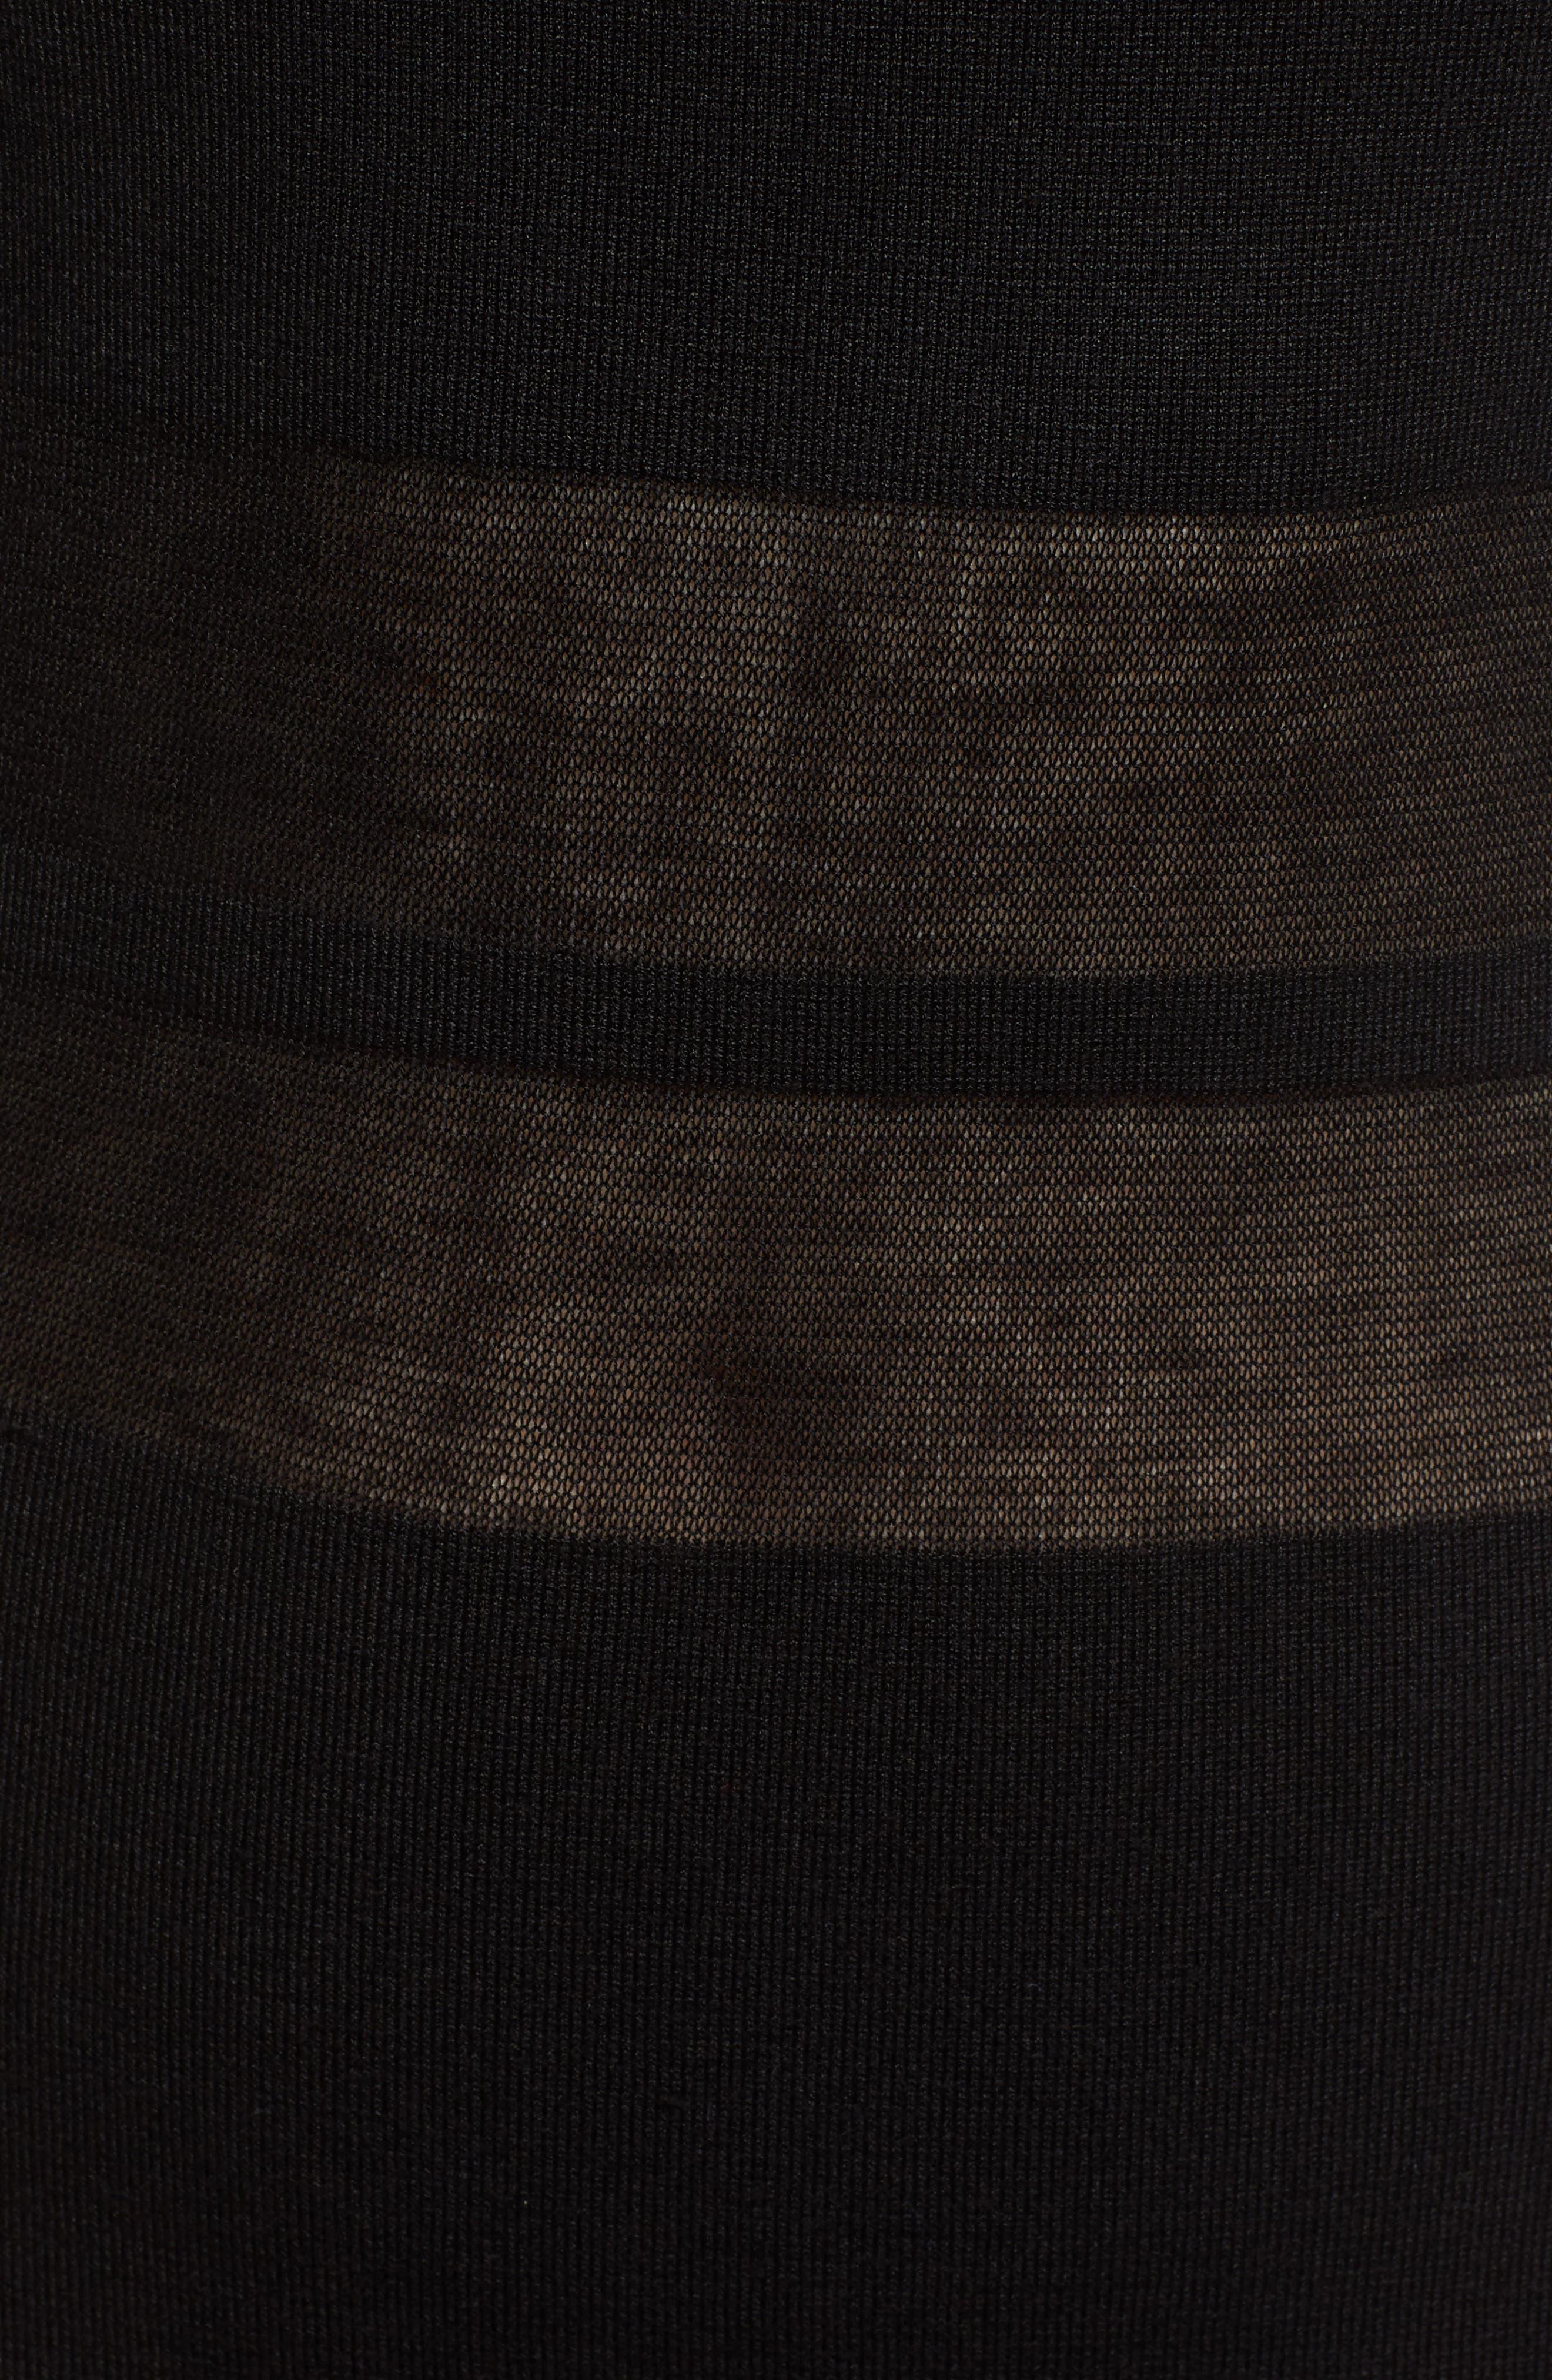 Illusion Stripe Midi Dress,                             Alternate thumbnail 6, color,                             BLACK